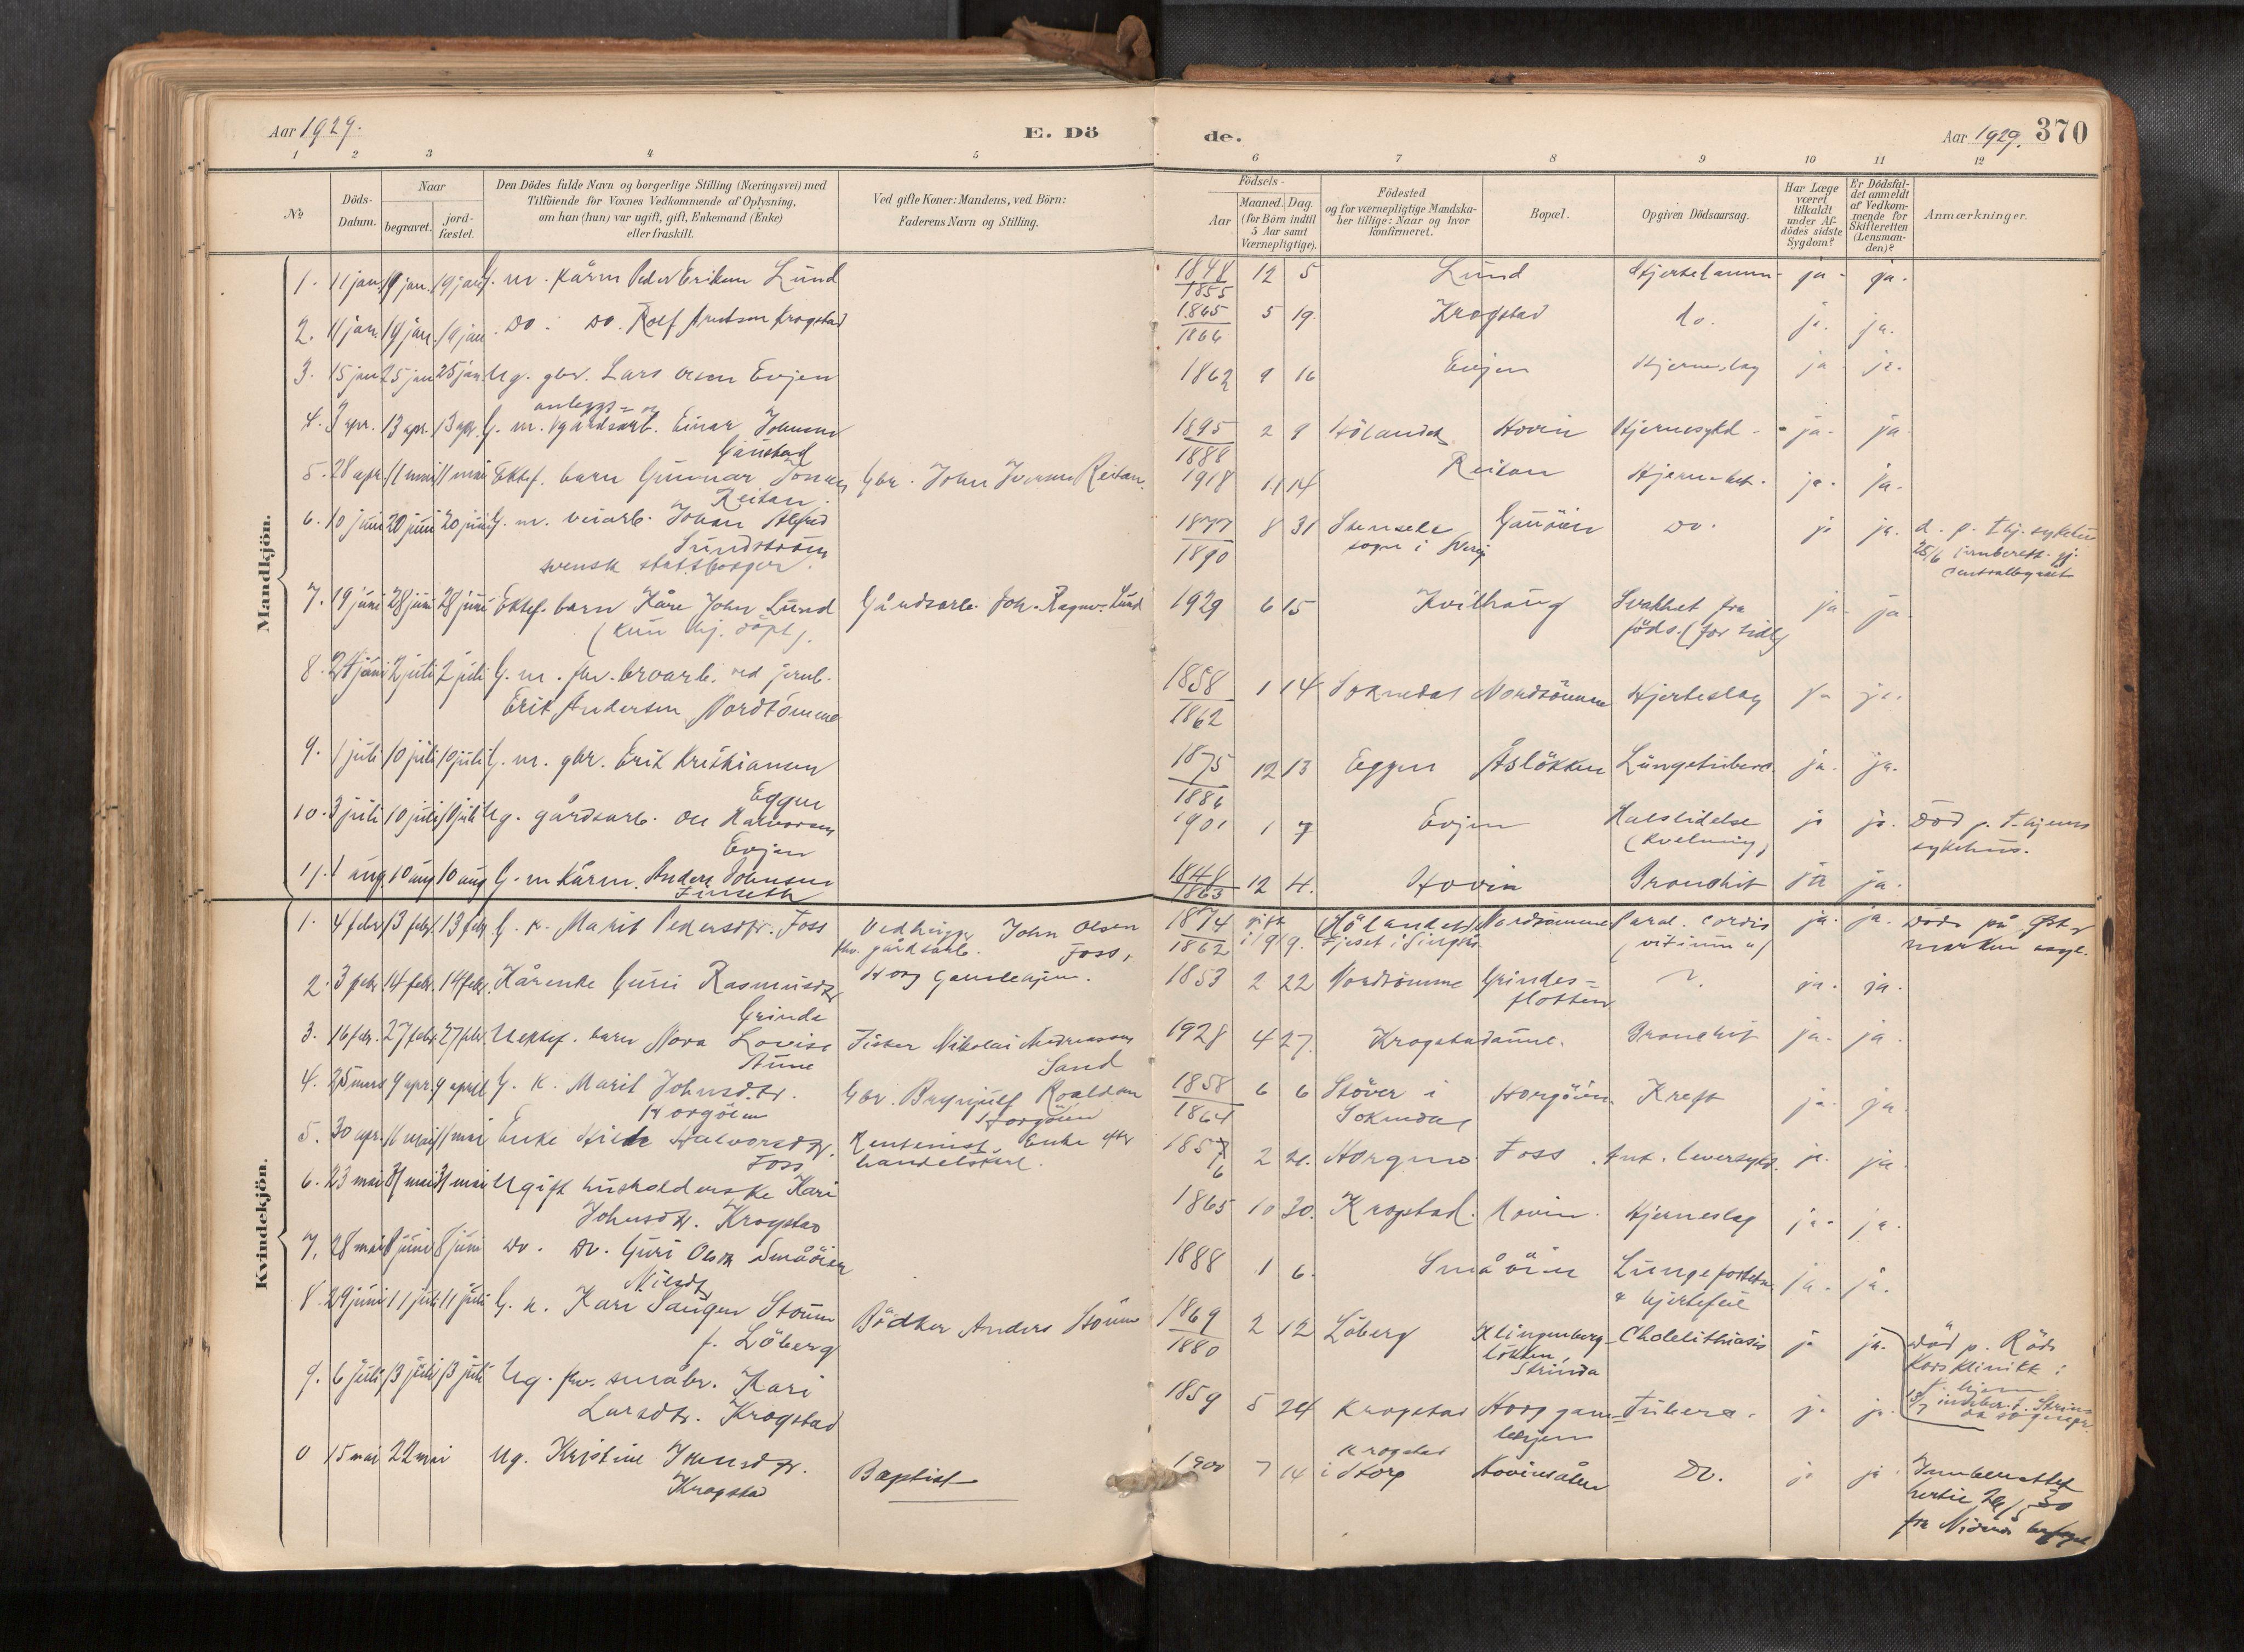 SAT, Ministerialprotokoller, klokkerbøker og fødselsregistre - Sør-Trøndelag, 692/L1105b: Ministerialbok nr. 692A06, 1891-1934, s. 370